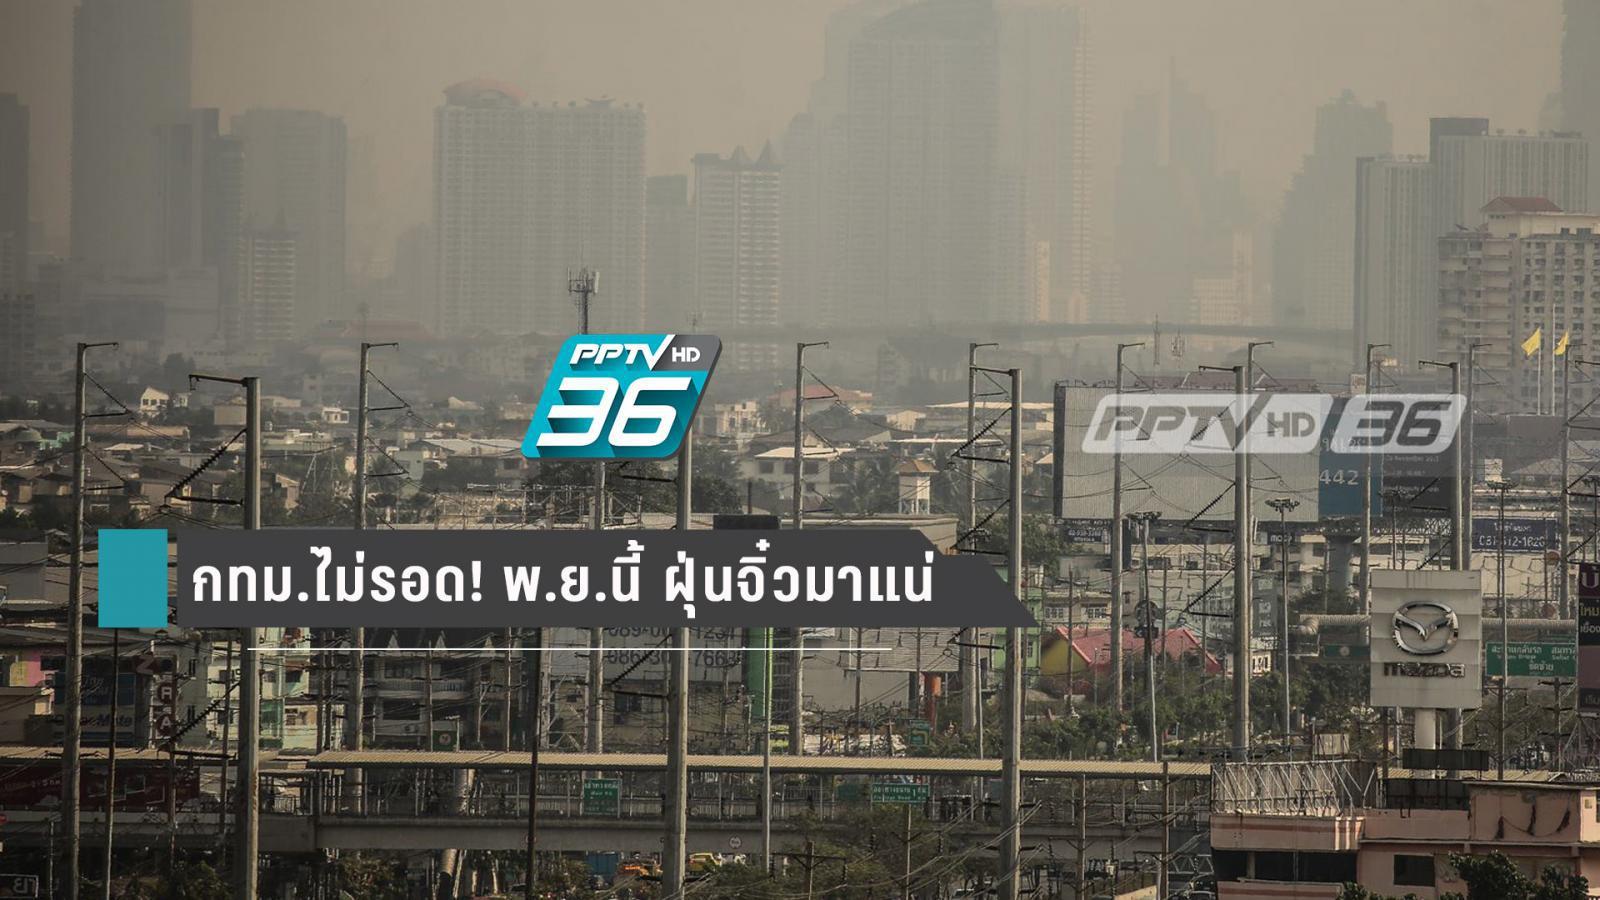 เตือน! พ.ย. นี้ ฝุ่น PM 2.5 มาแน่ กระทบหมดไม่เว้น กทม.